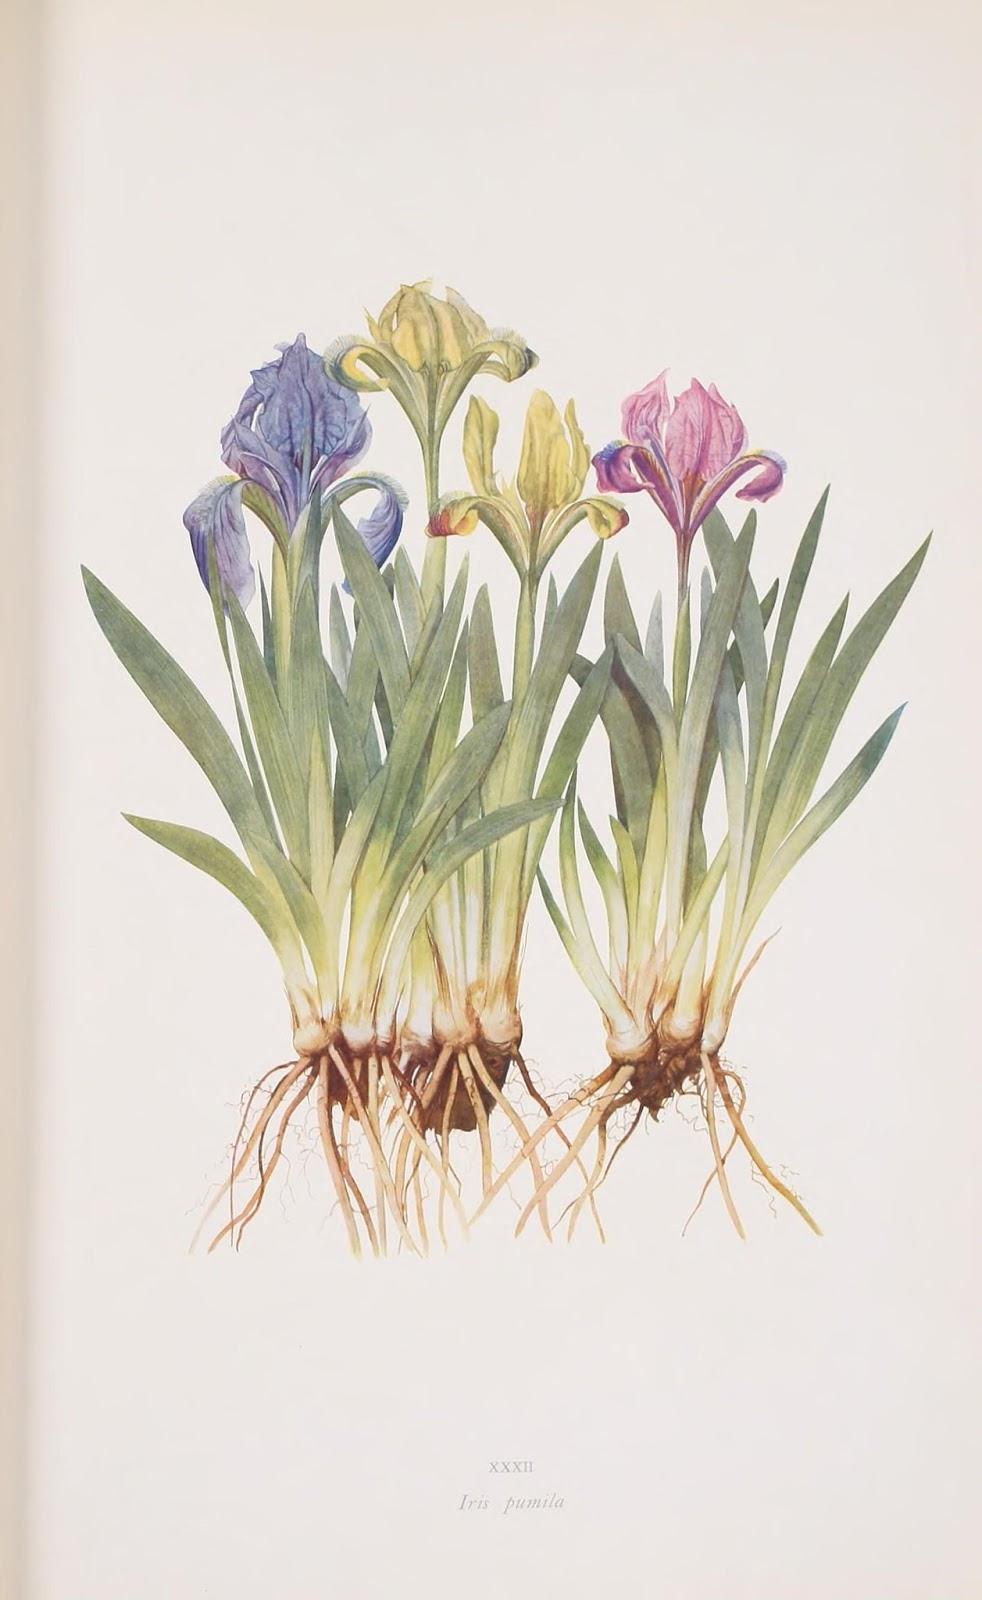 flores de lirios pumila de varios colores